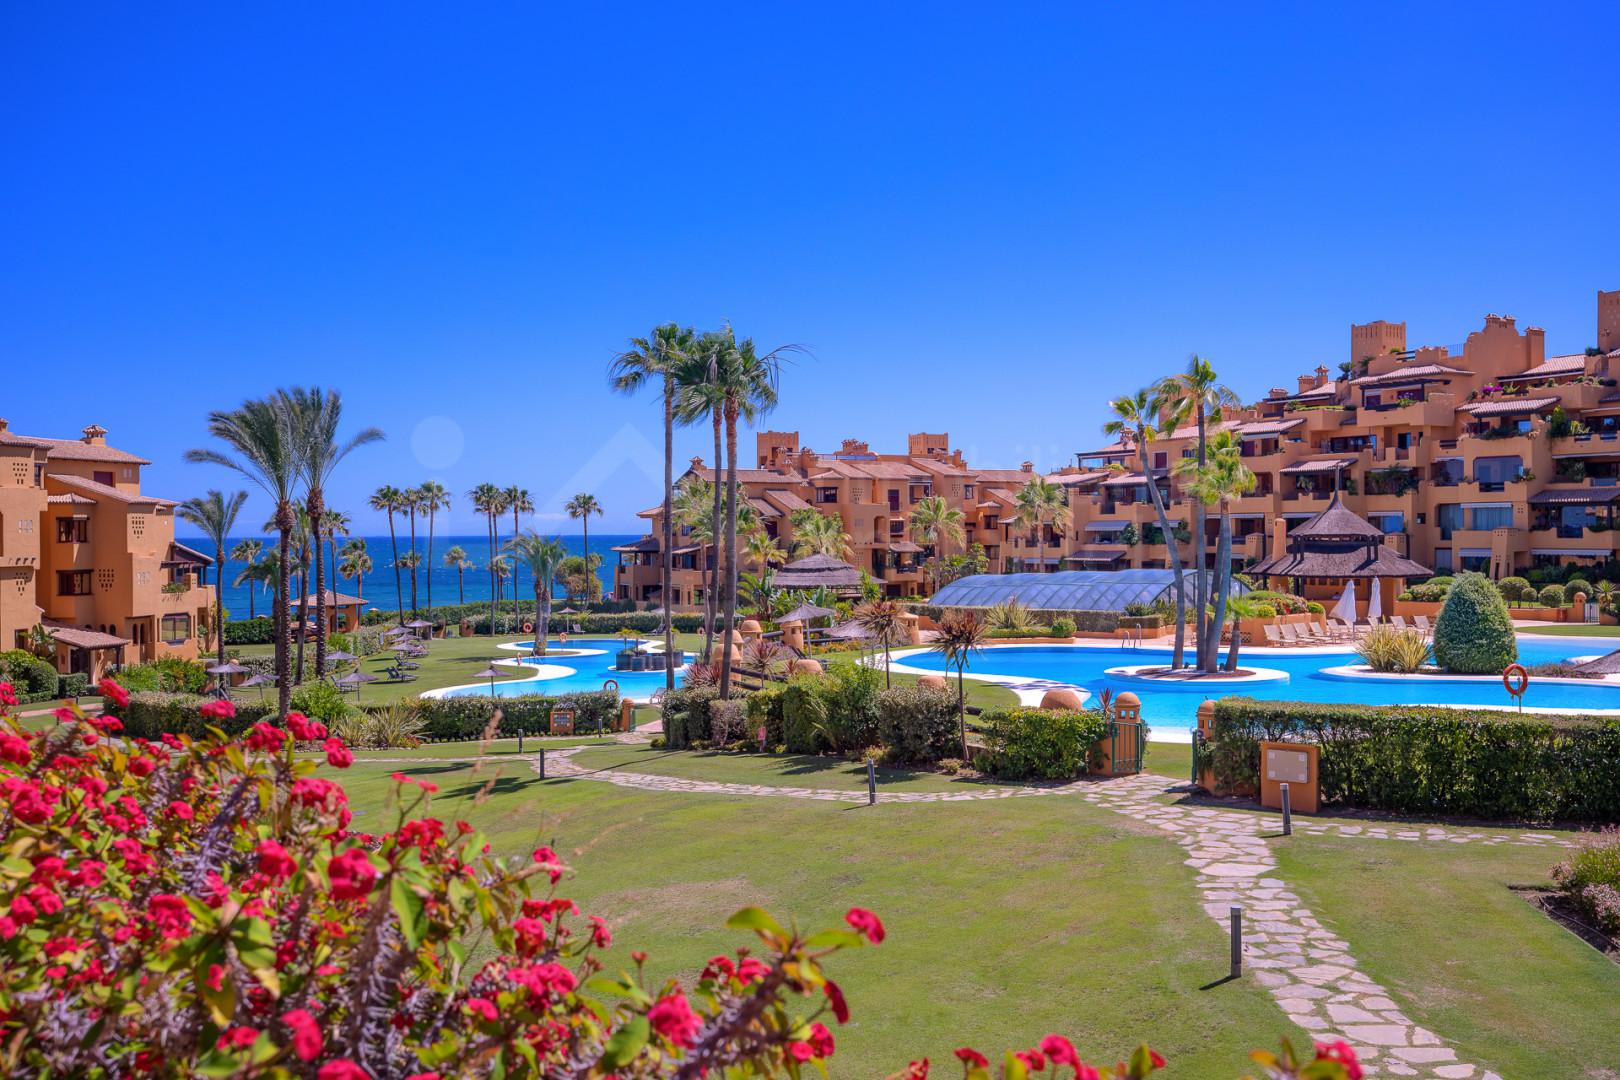 Sea views apartment for sale in Los Granados del Mar, Estepona